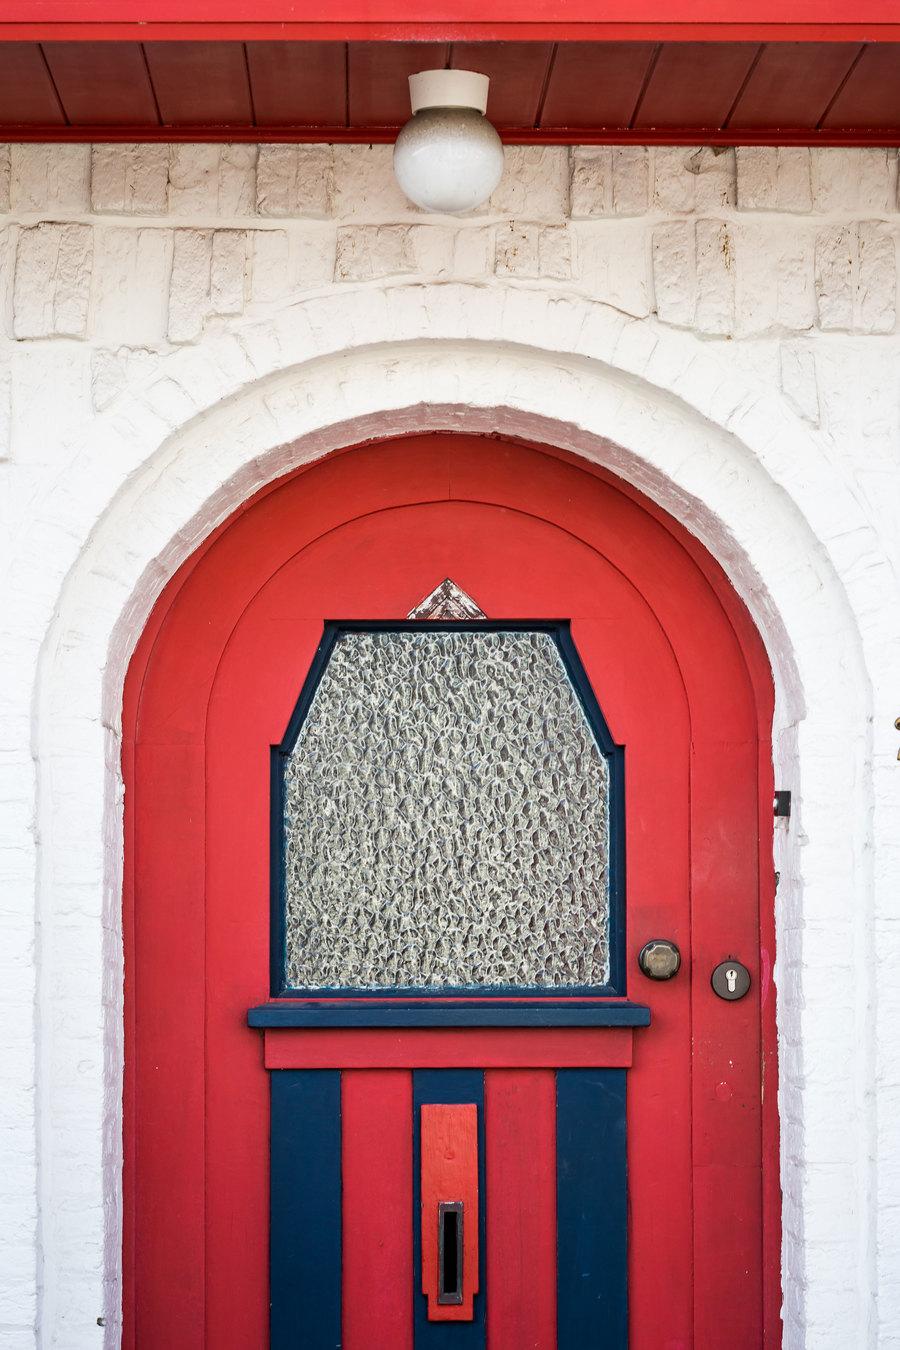 De kleuren komen terug waardoor alle woningen er als één geheel uitzien.